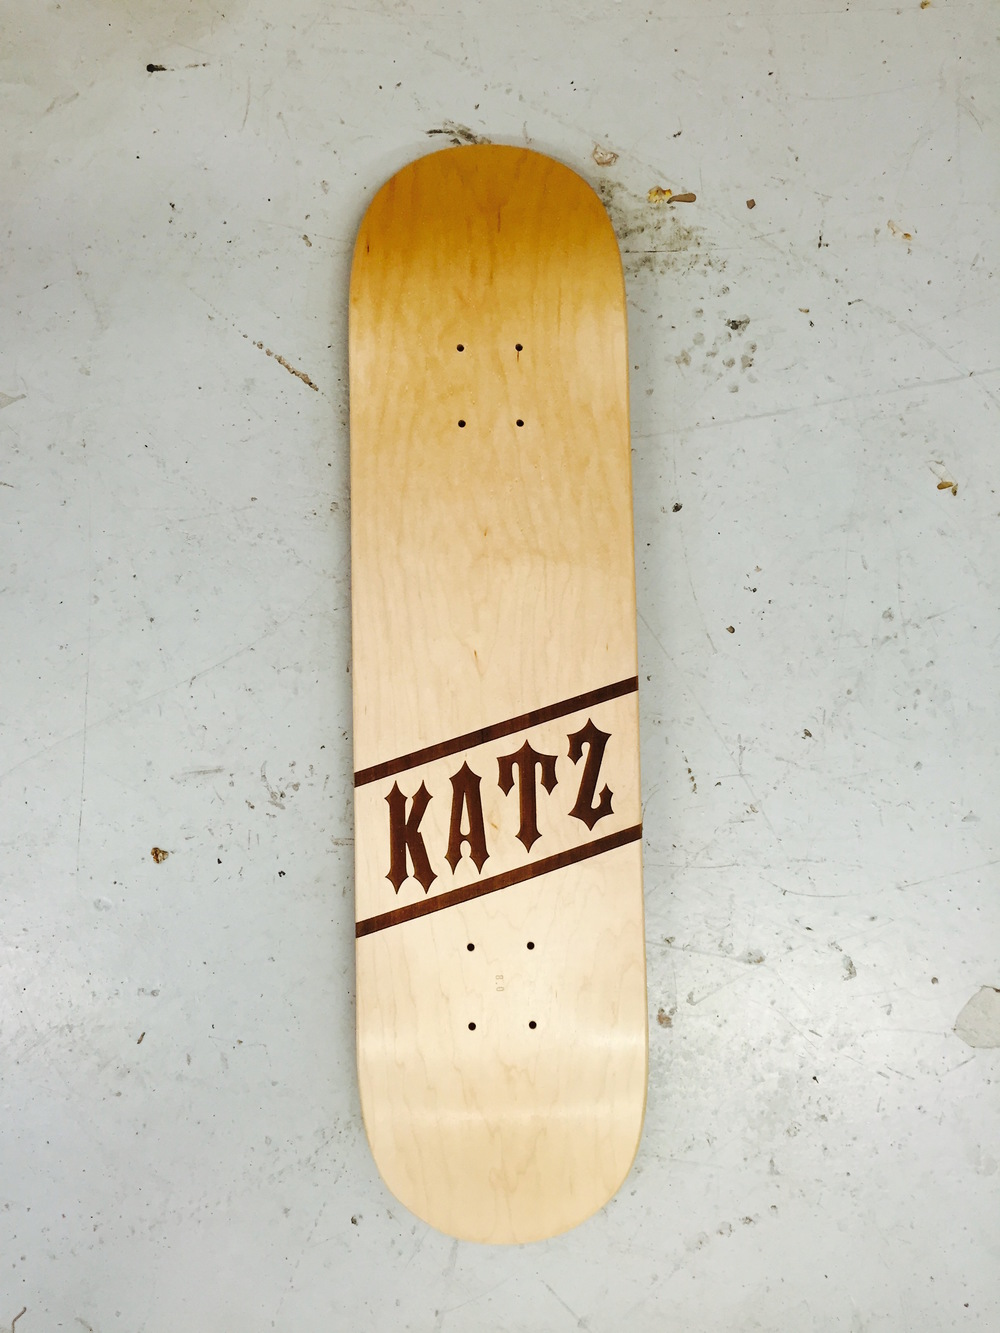 TIM KATZ